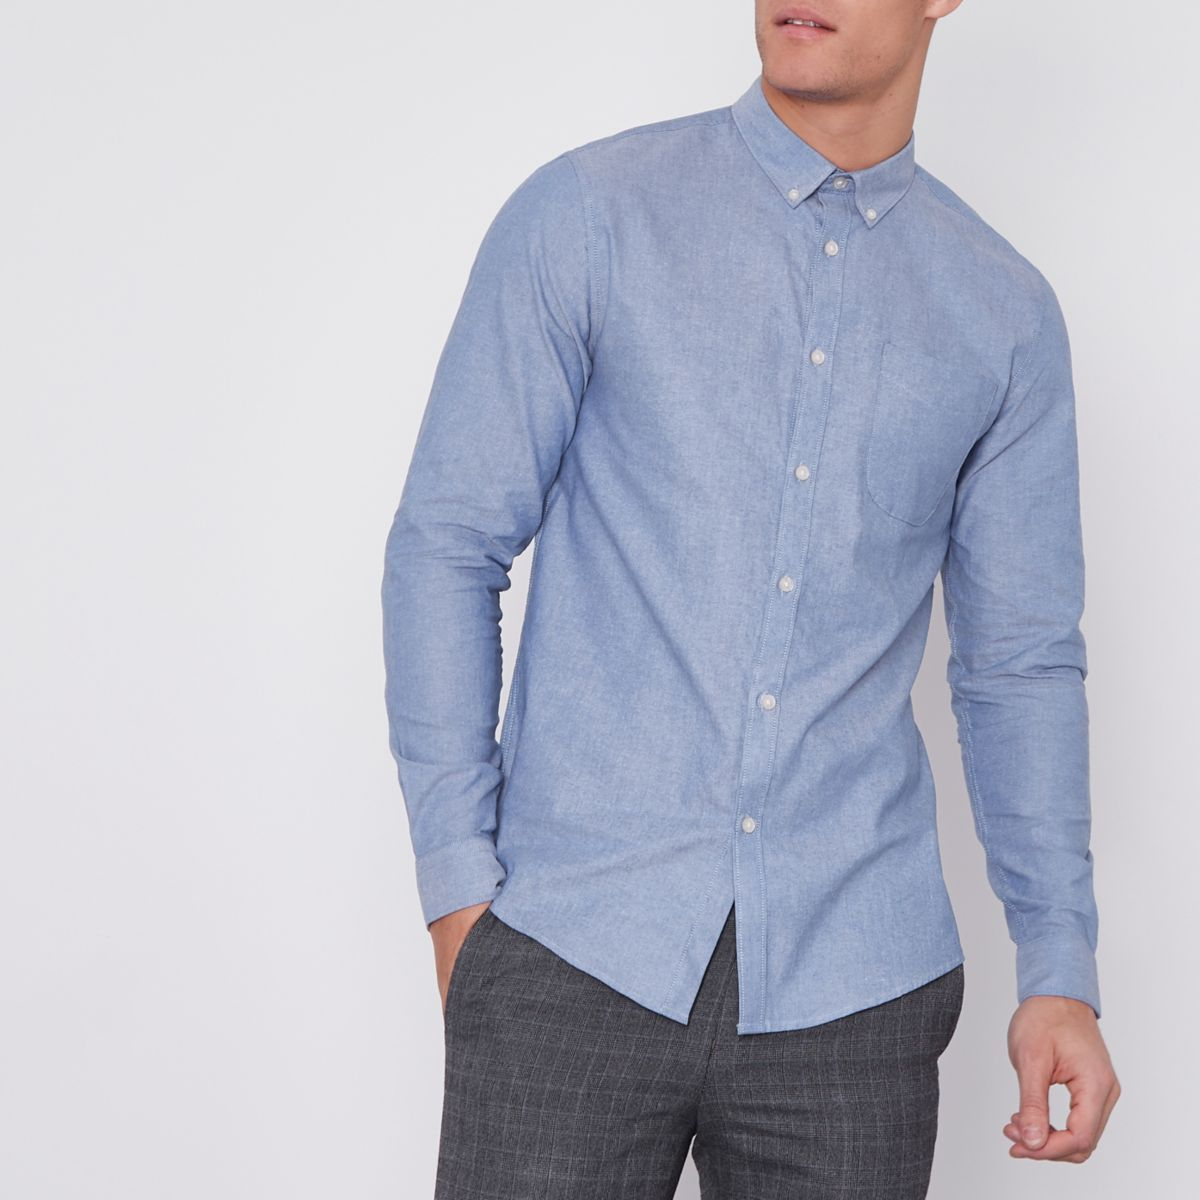 Blue button-down casual Oxford shirt